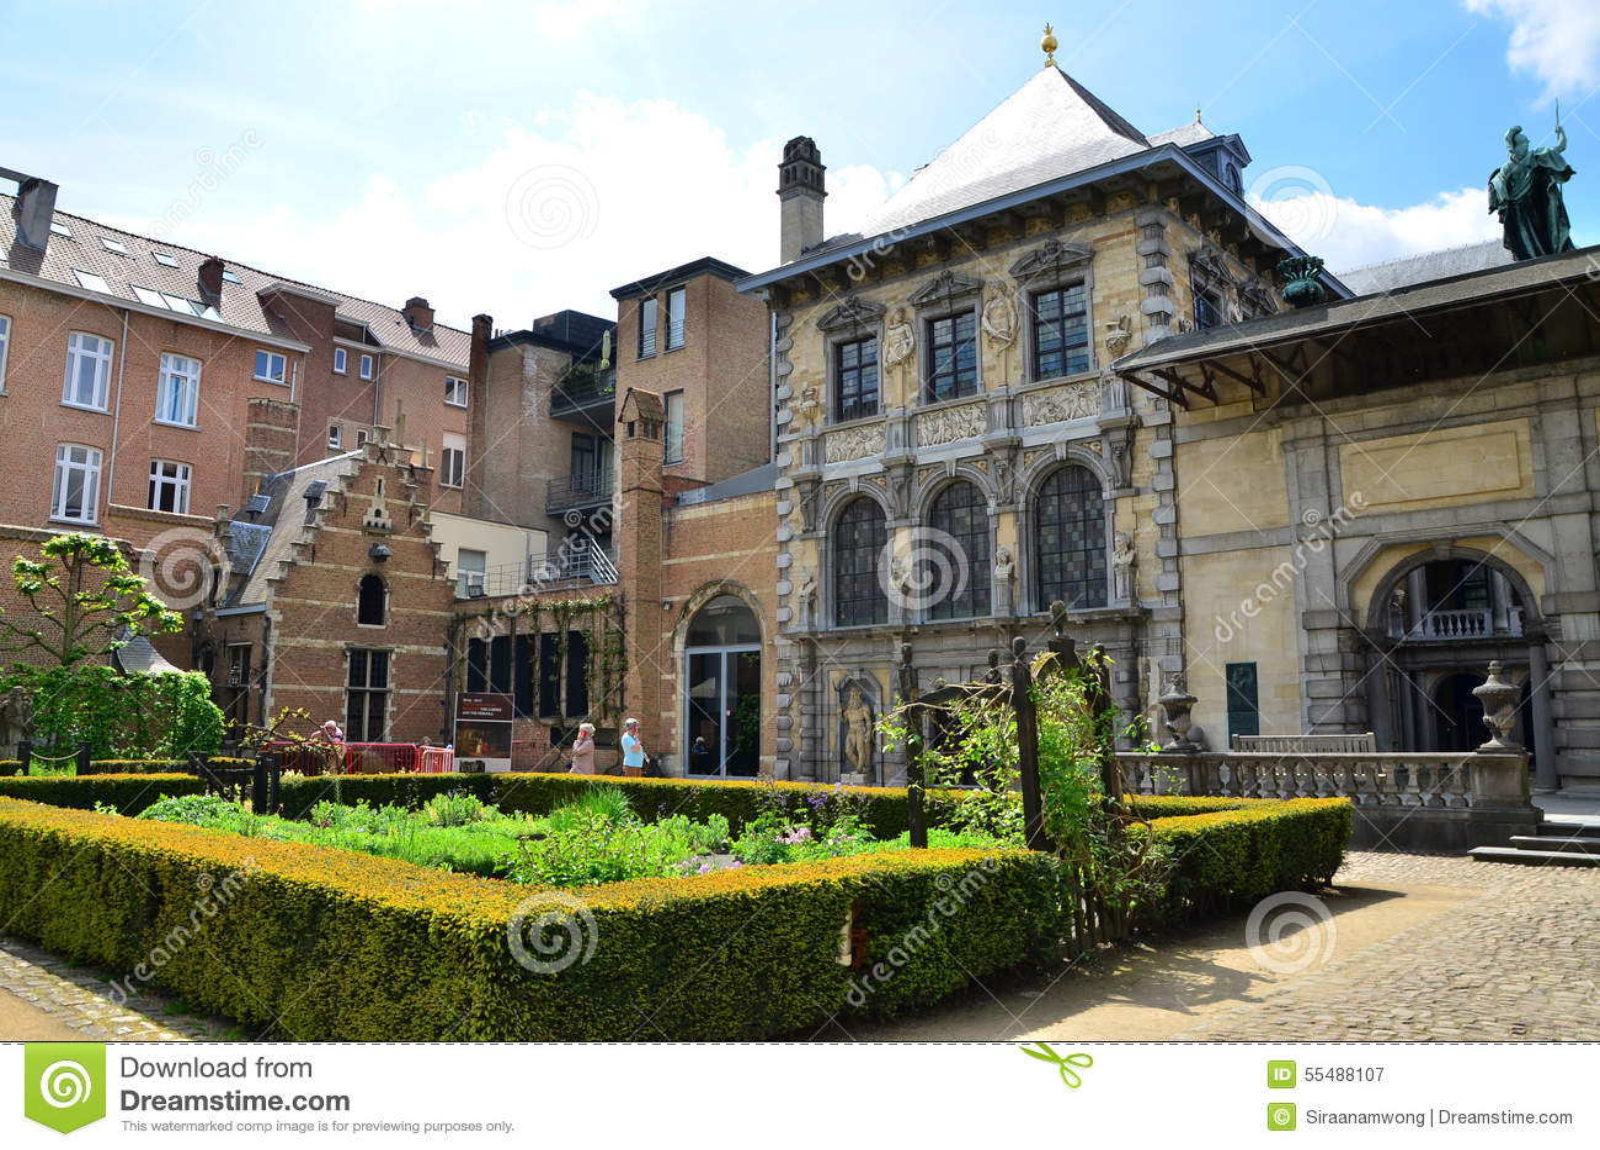 Antwerp belgium may 10 2015 tourist visit rubenshuis for Paul s garden studios